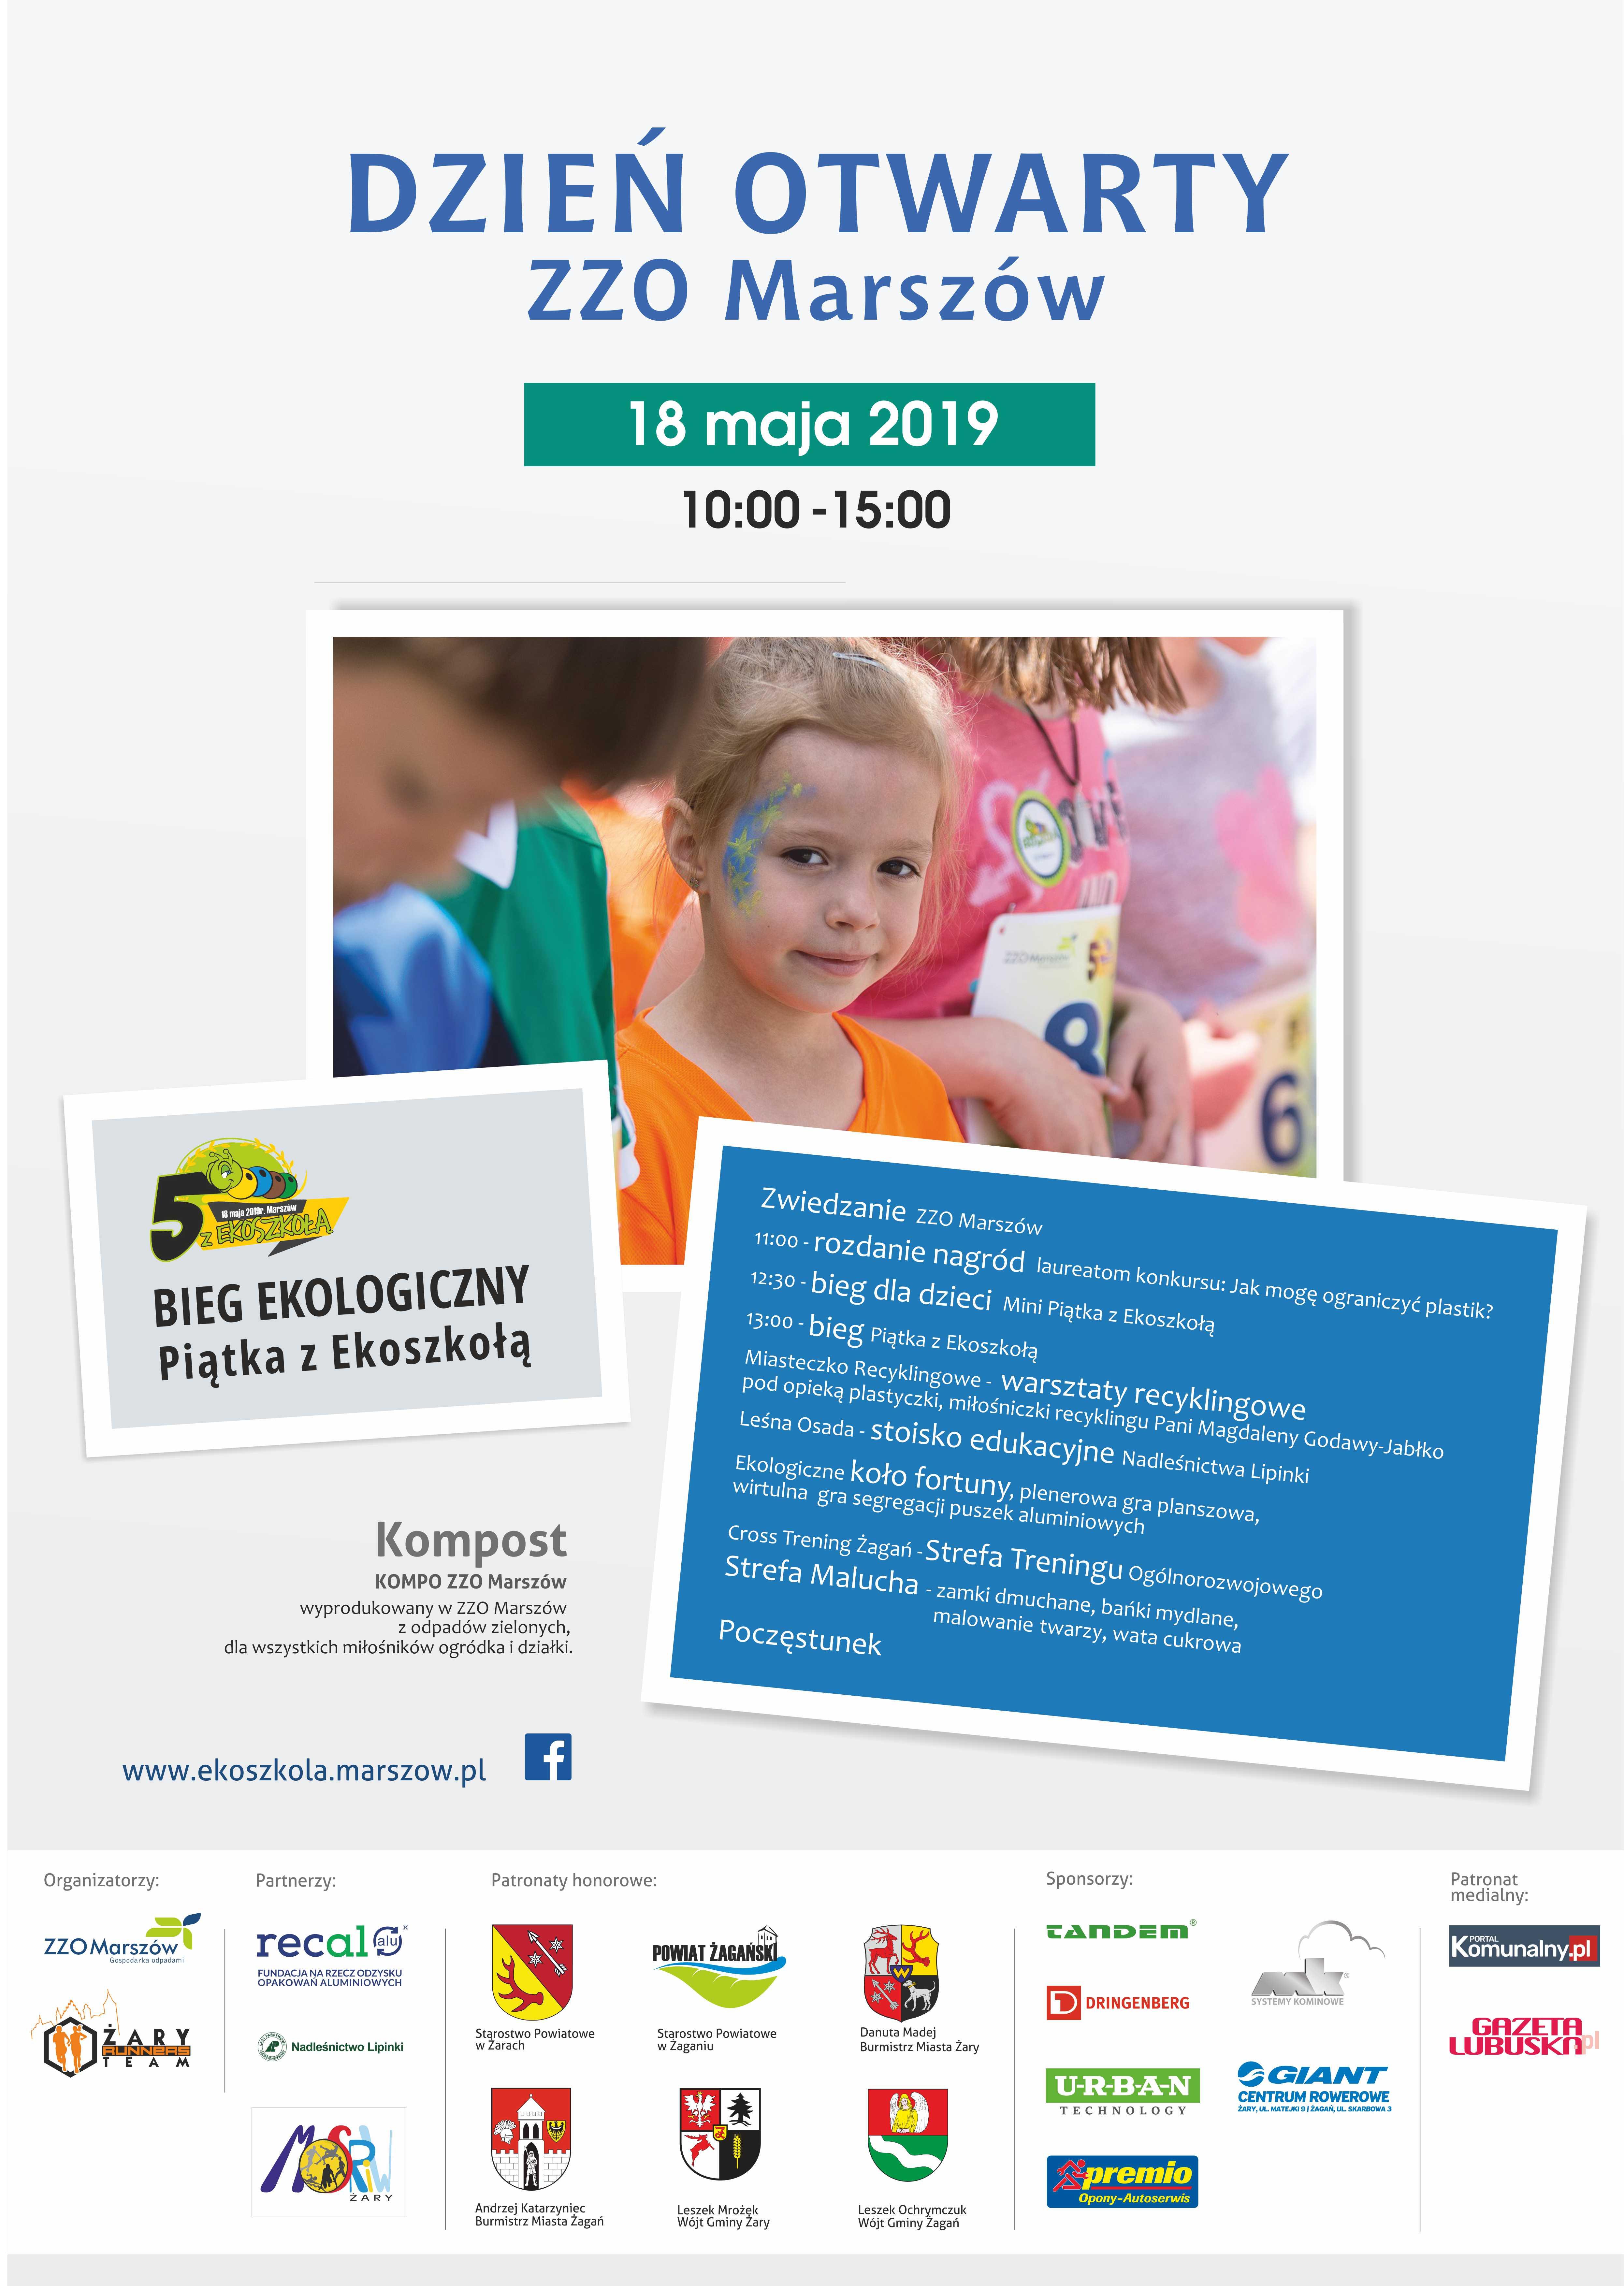 """Ilustracja do informacji: Dzień Otwarty ZZO Marszów i II biegu ekologicznego """"Piątka z Ekoszkołą"""" w dniu 18 maja 2019 r."""